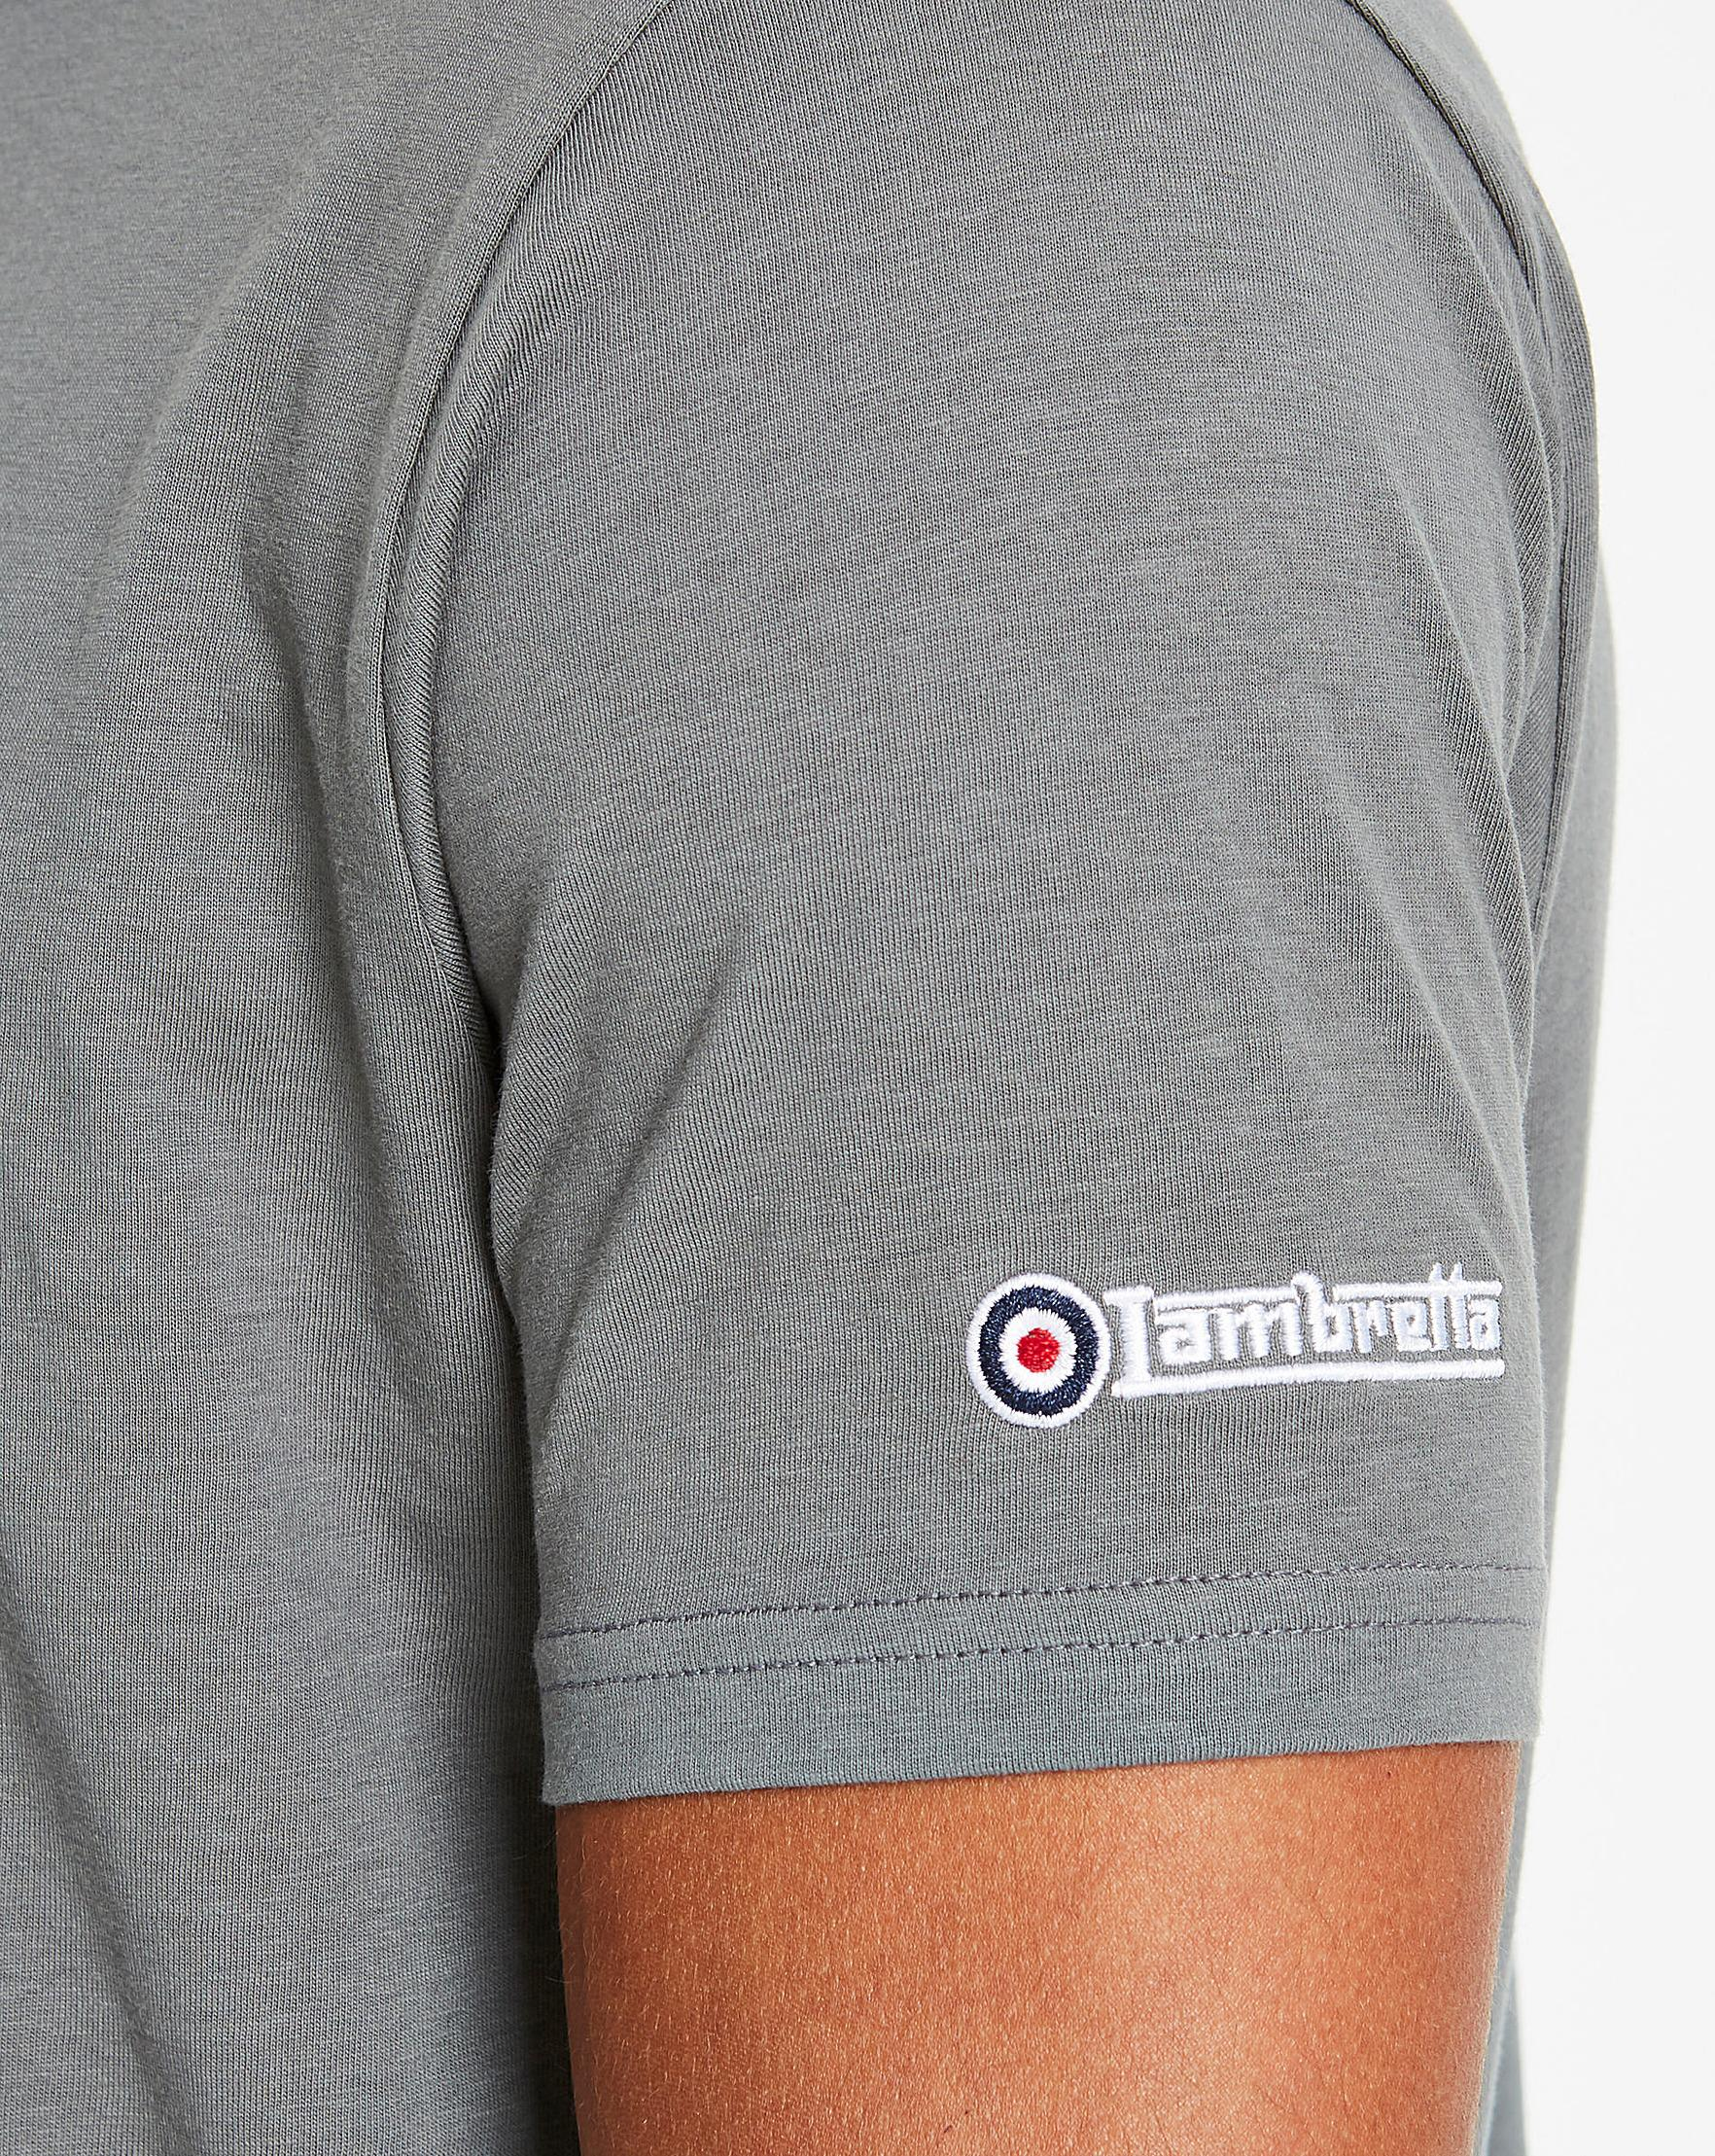 Lambretta Northern Soul Tee Long in Gray for Men - Lyst